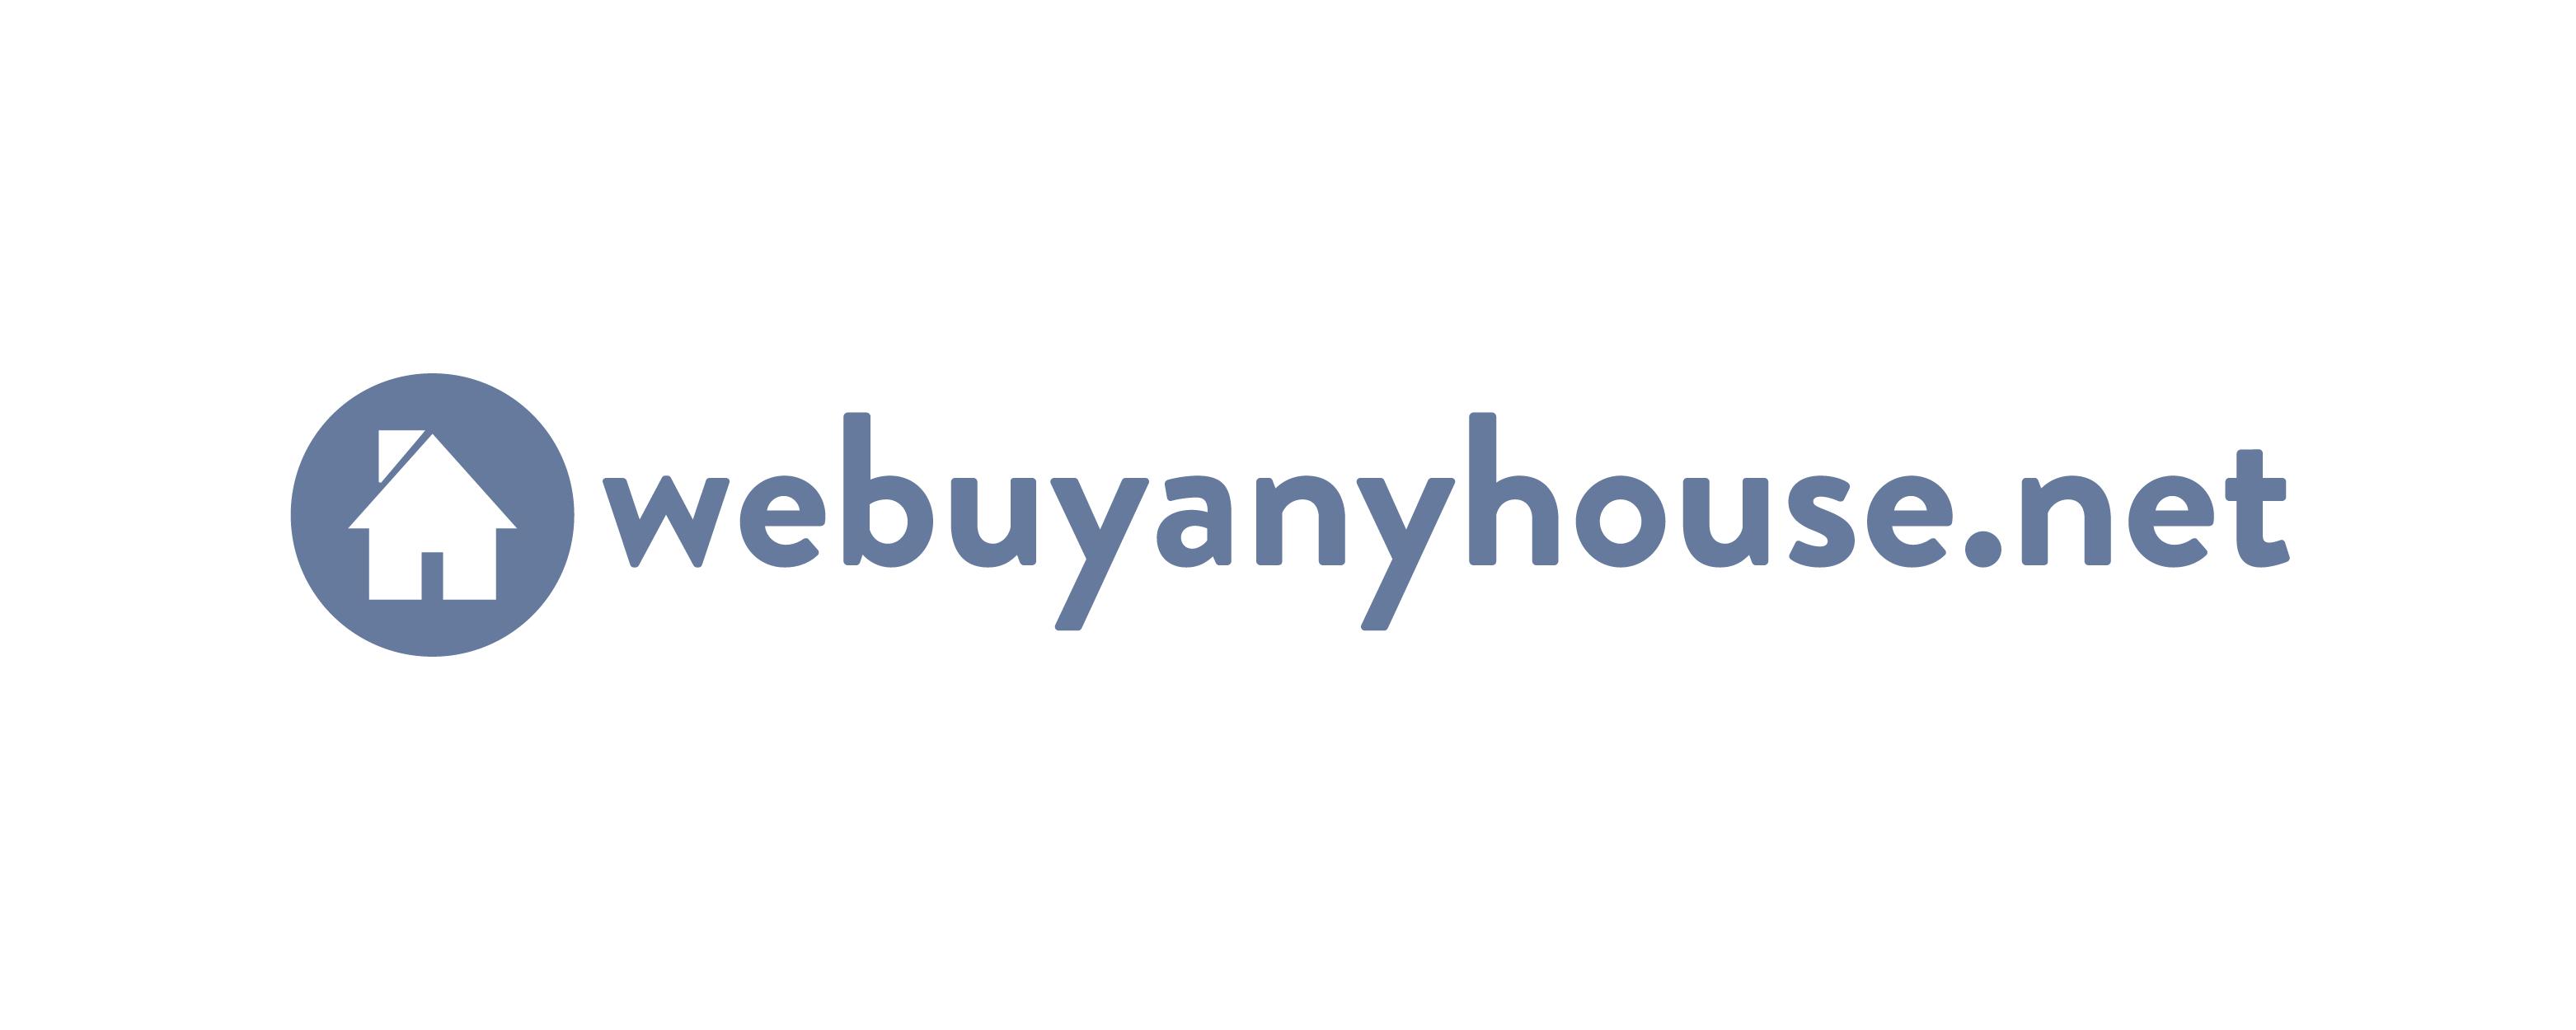 we buy any house logo